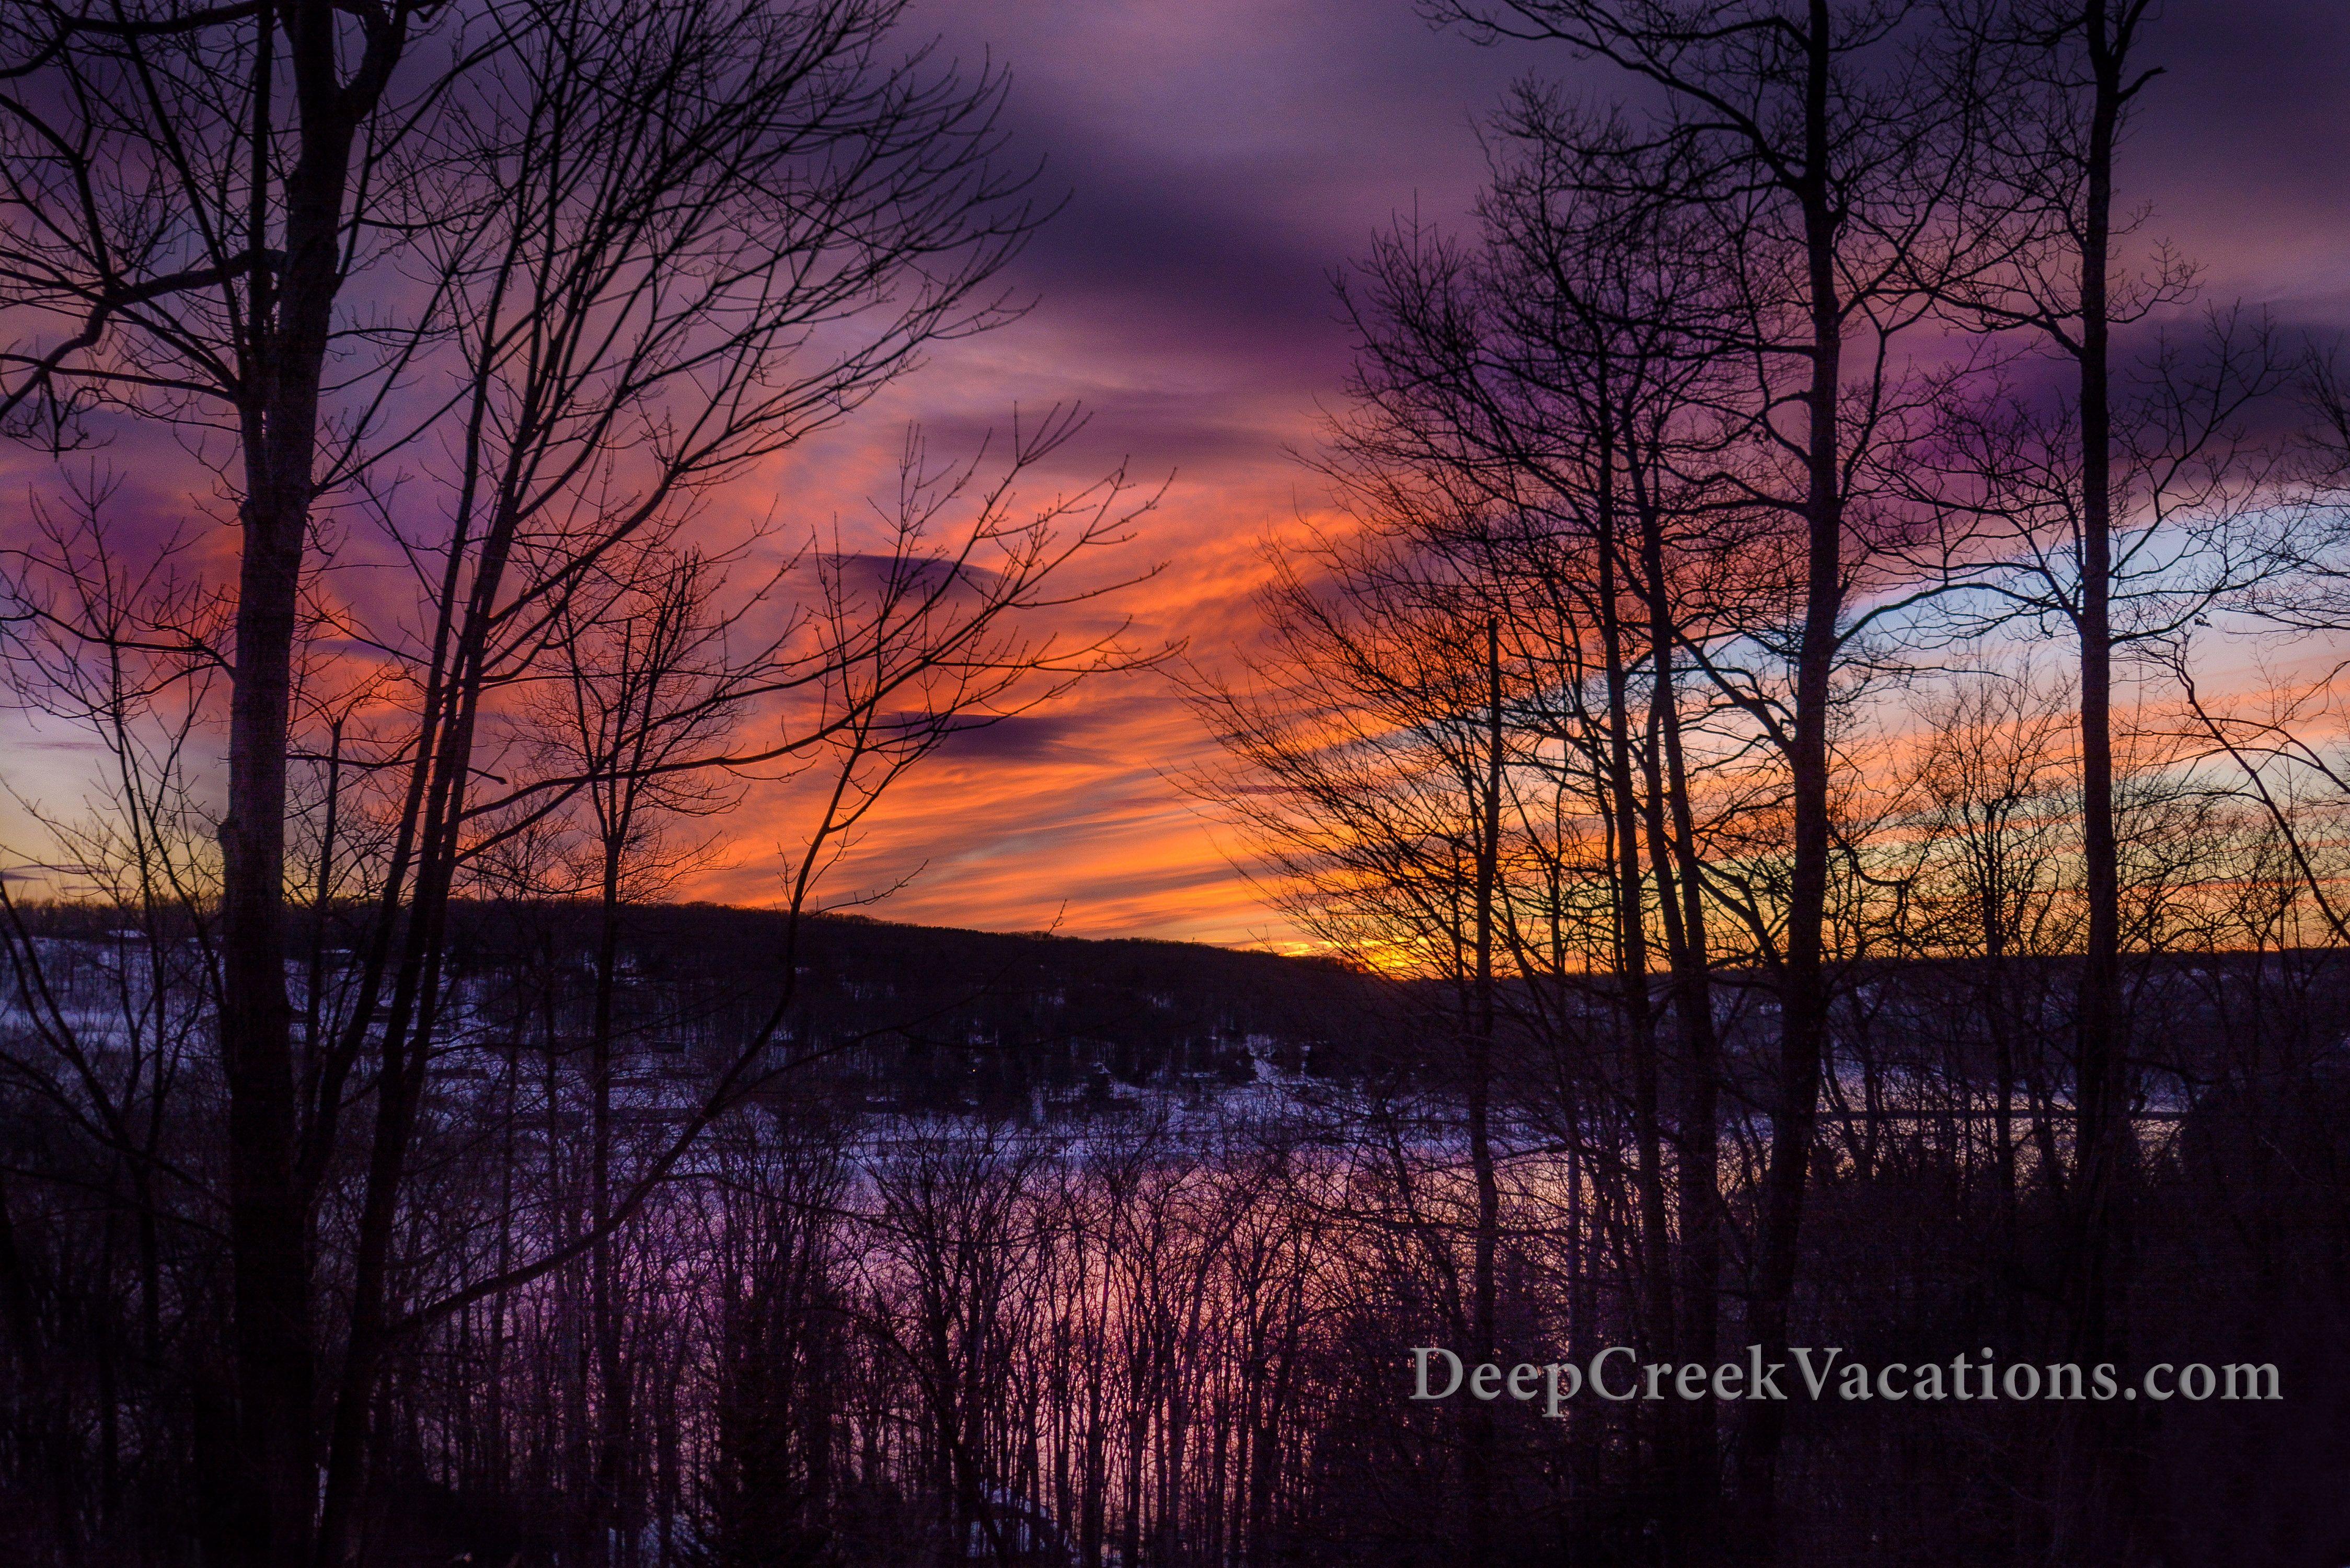 Stunning Winter Sunset Over Deep Creek Lake Www Deepcreekvacations Com Deep Creek Lake Winter Sunset Lake